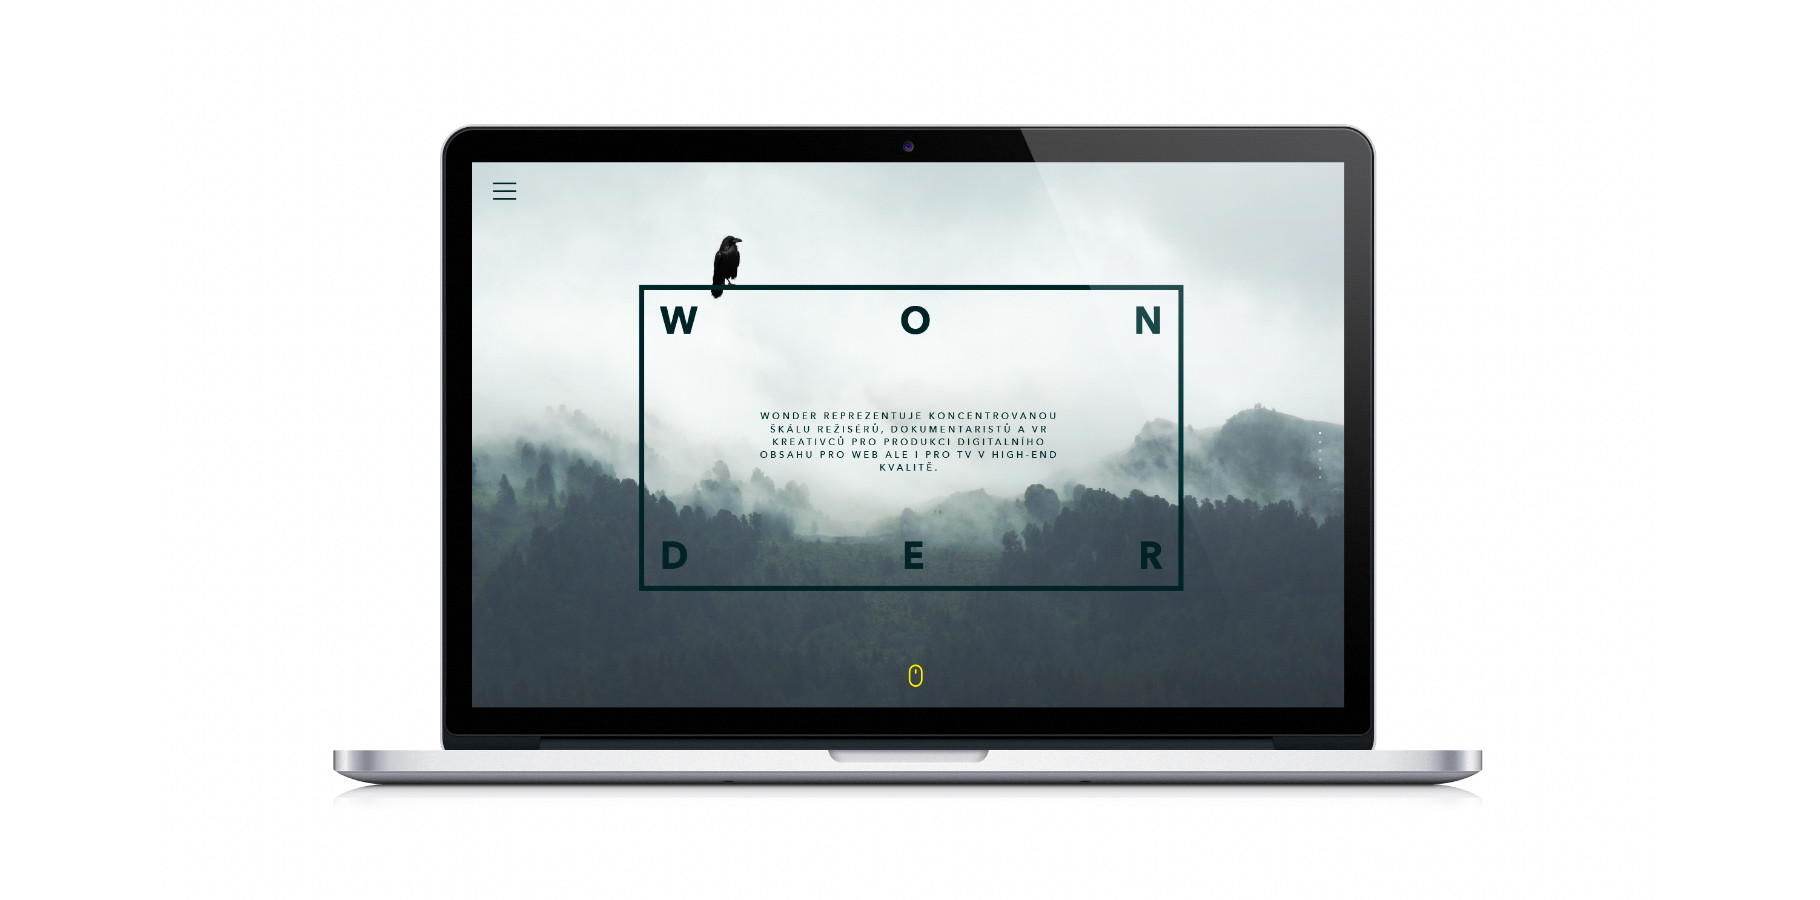 Wonder vizuální koncept - web